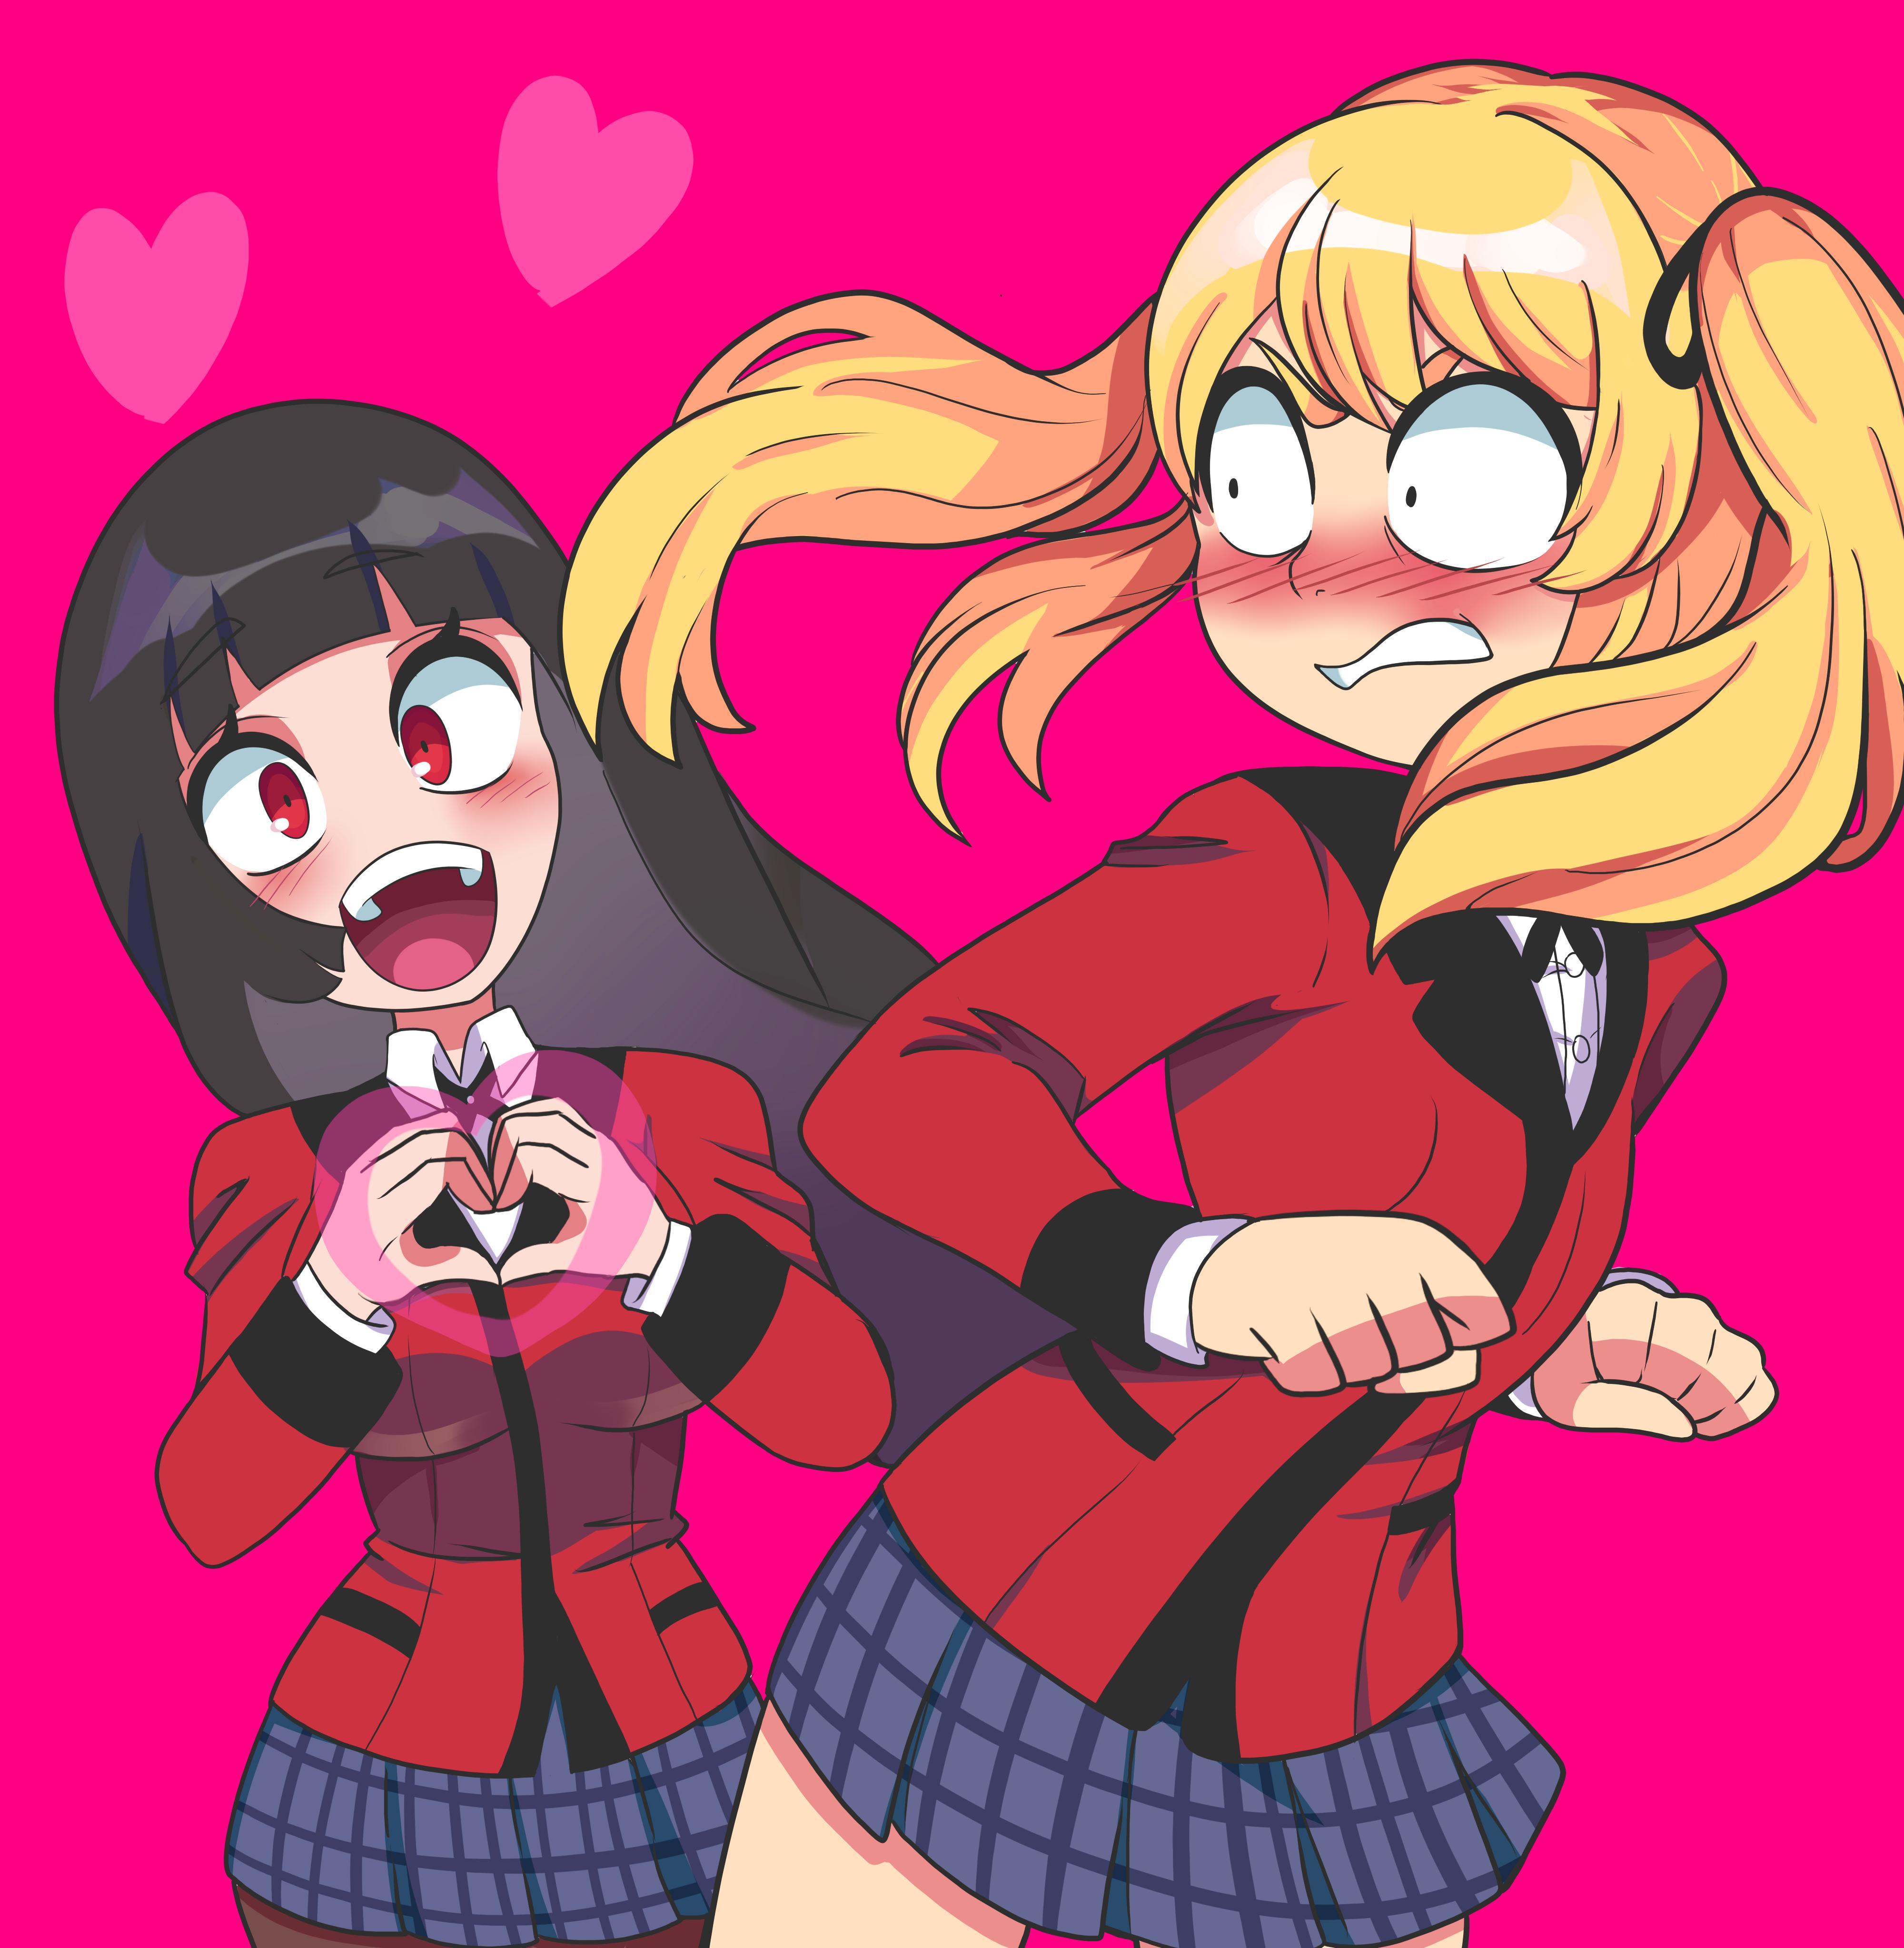 yumeko and mari